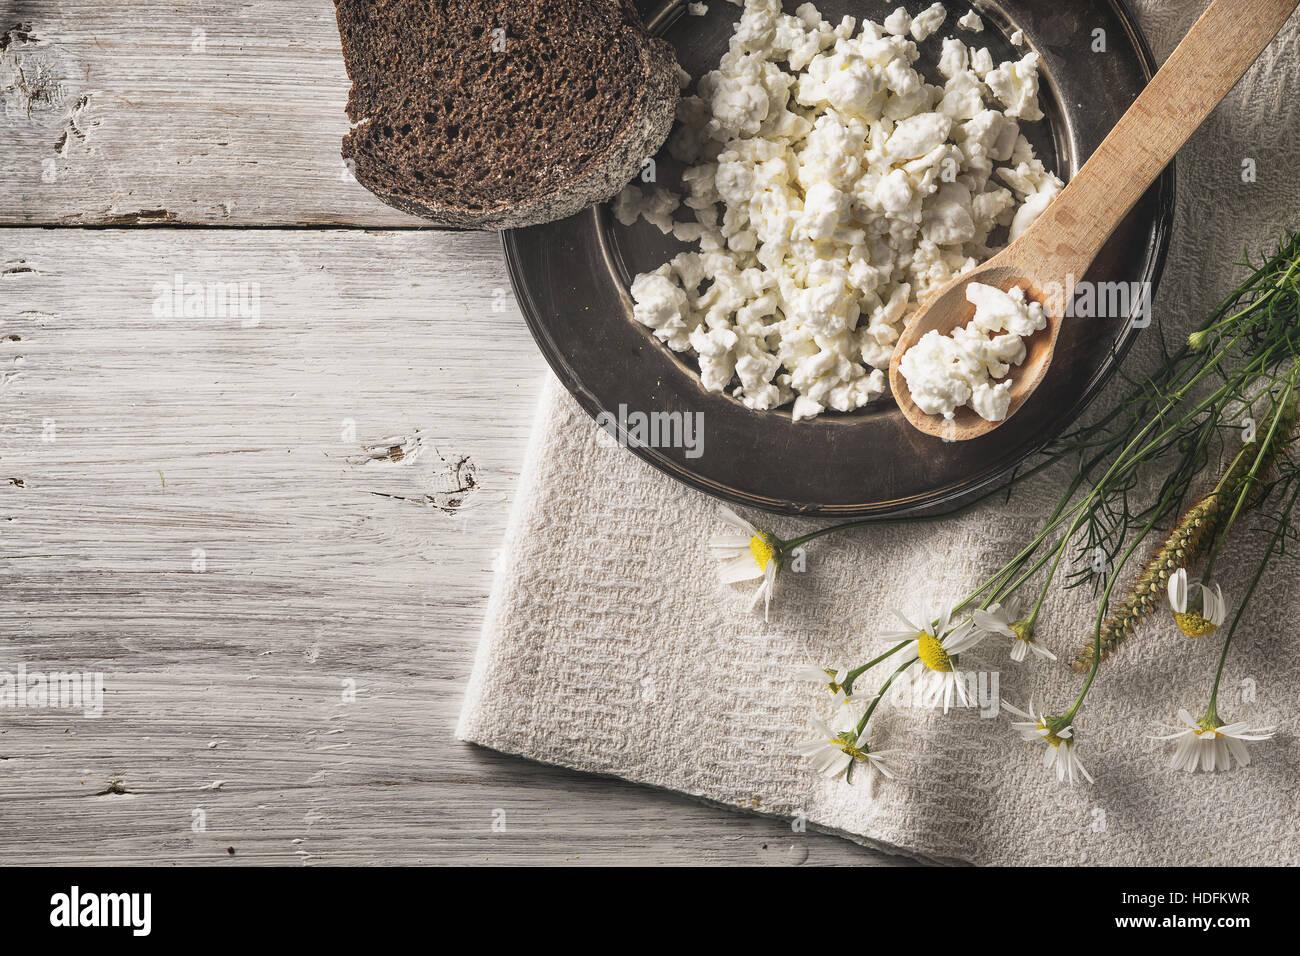 Queso fresco con pan y flores en la mesa de madera blanca vista superior Imagen De Stock